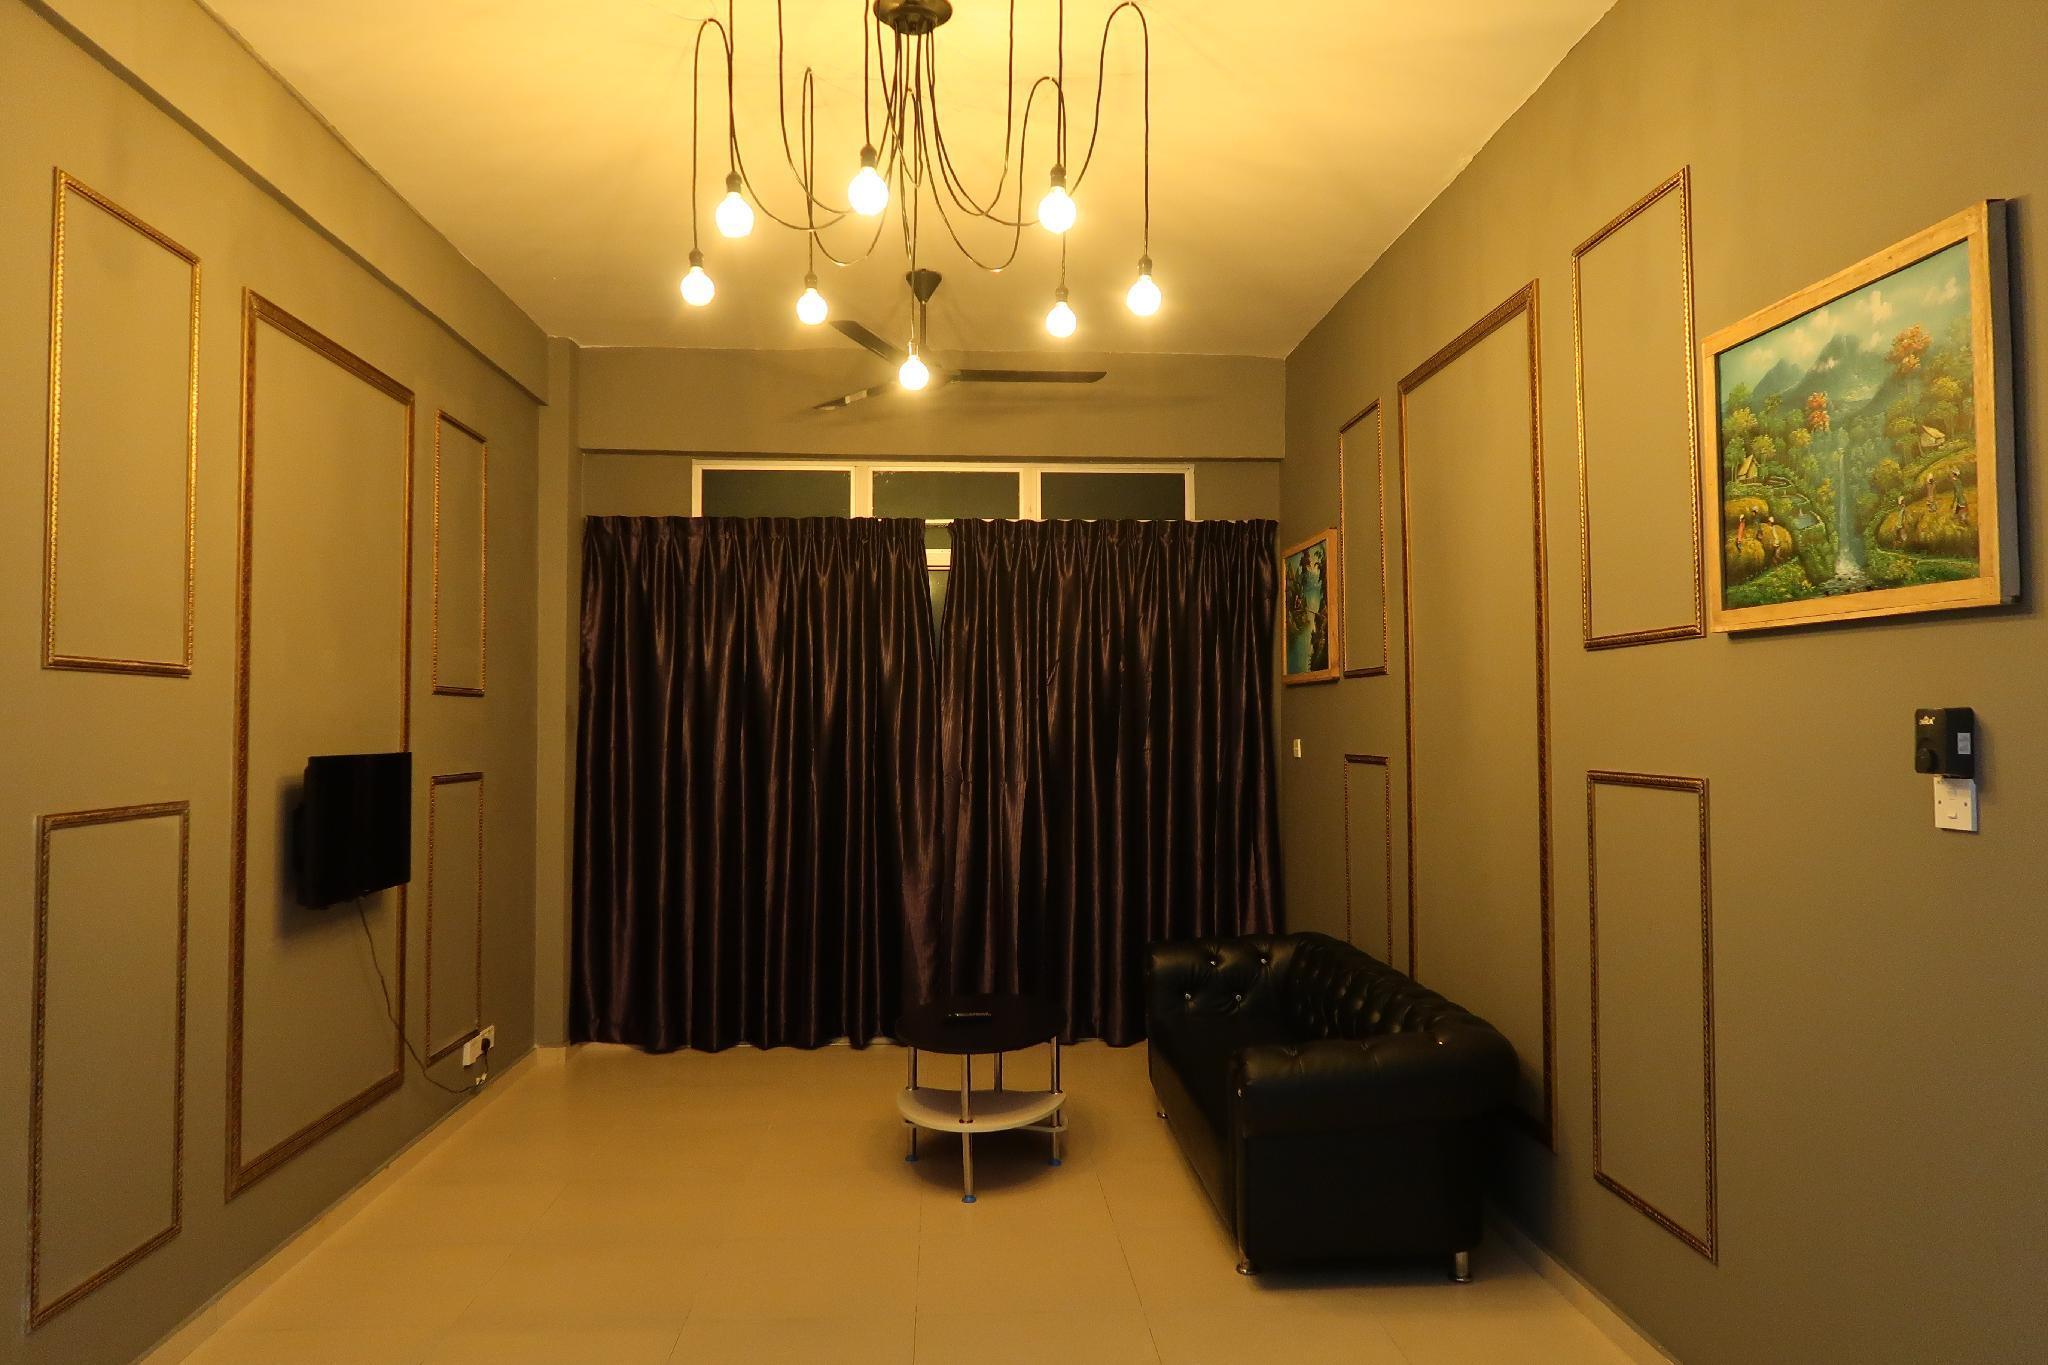 No.1 Cactus Brinchang Promo 3 Bedroom Apartment